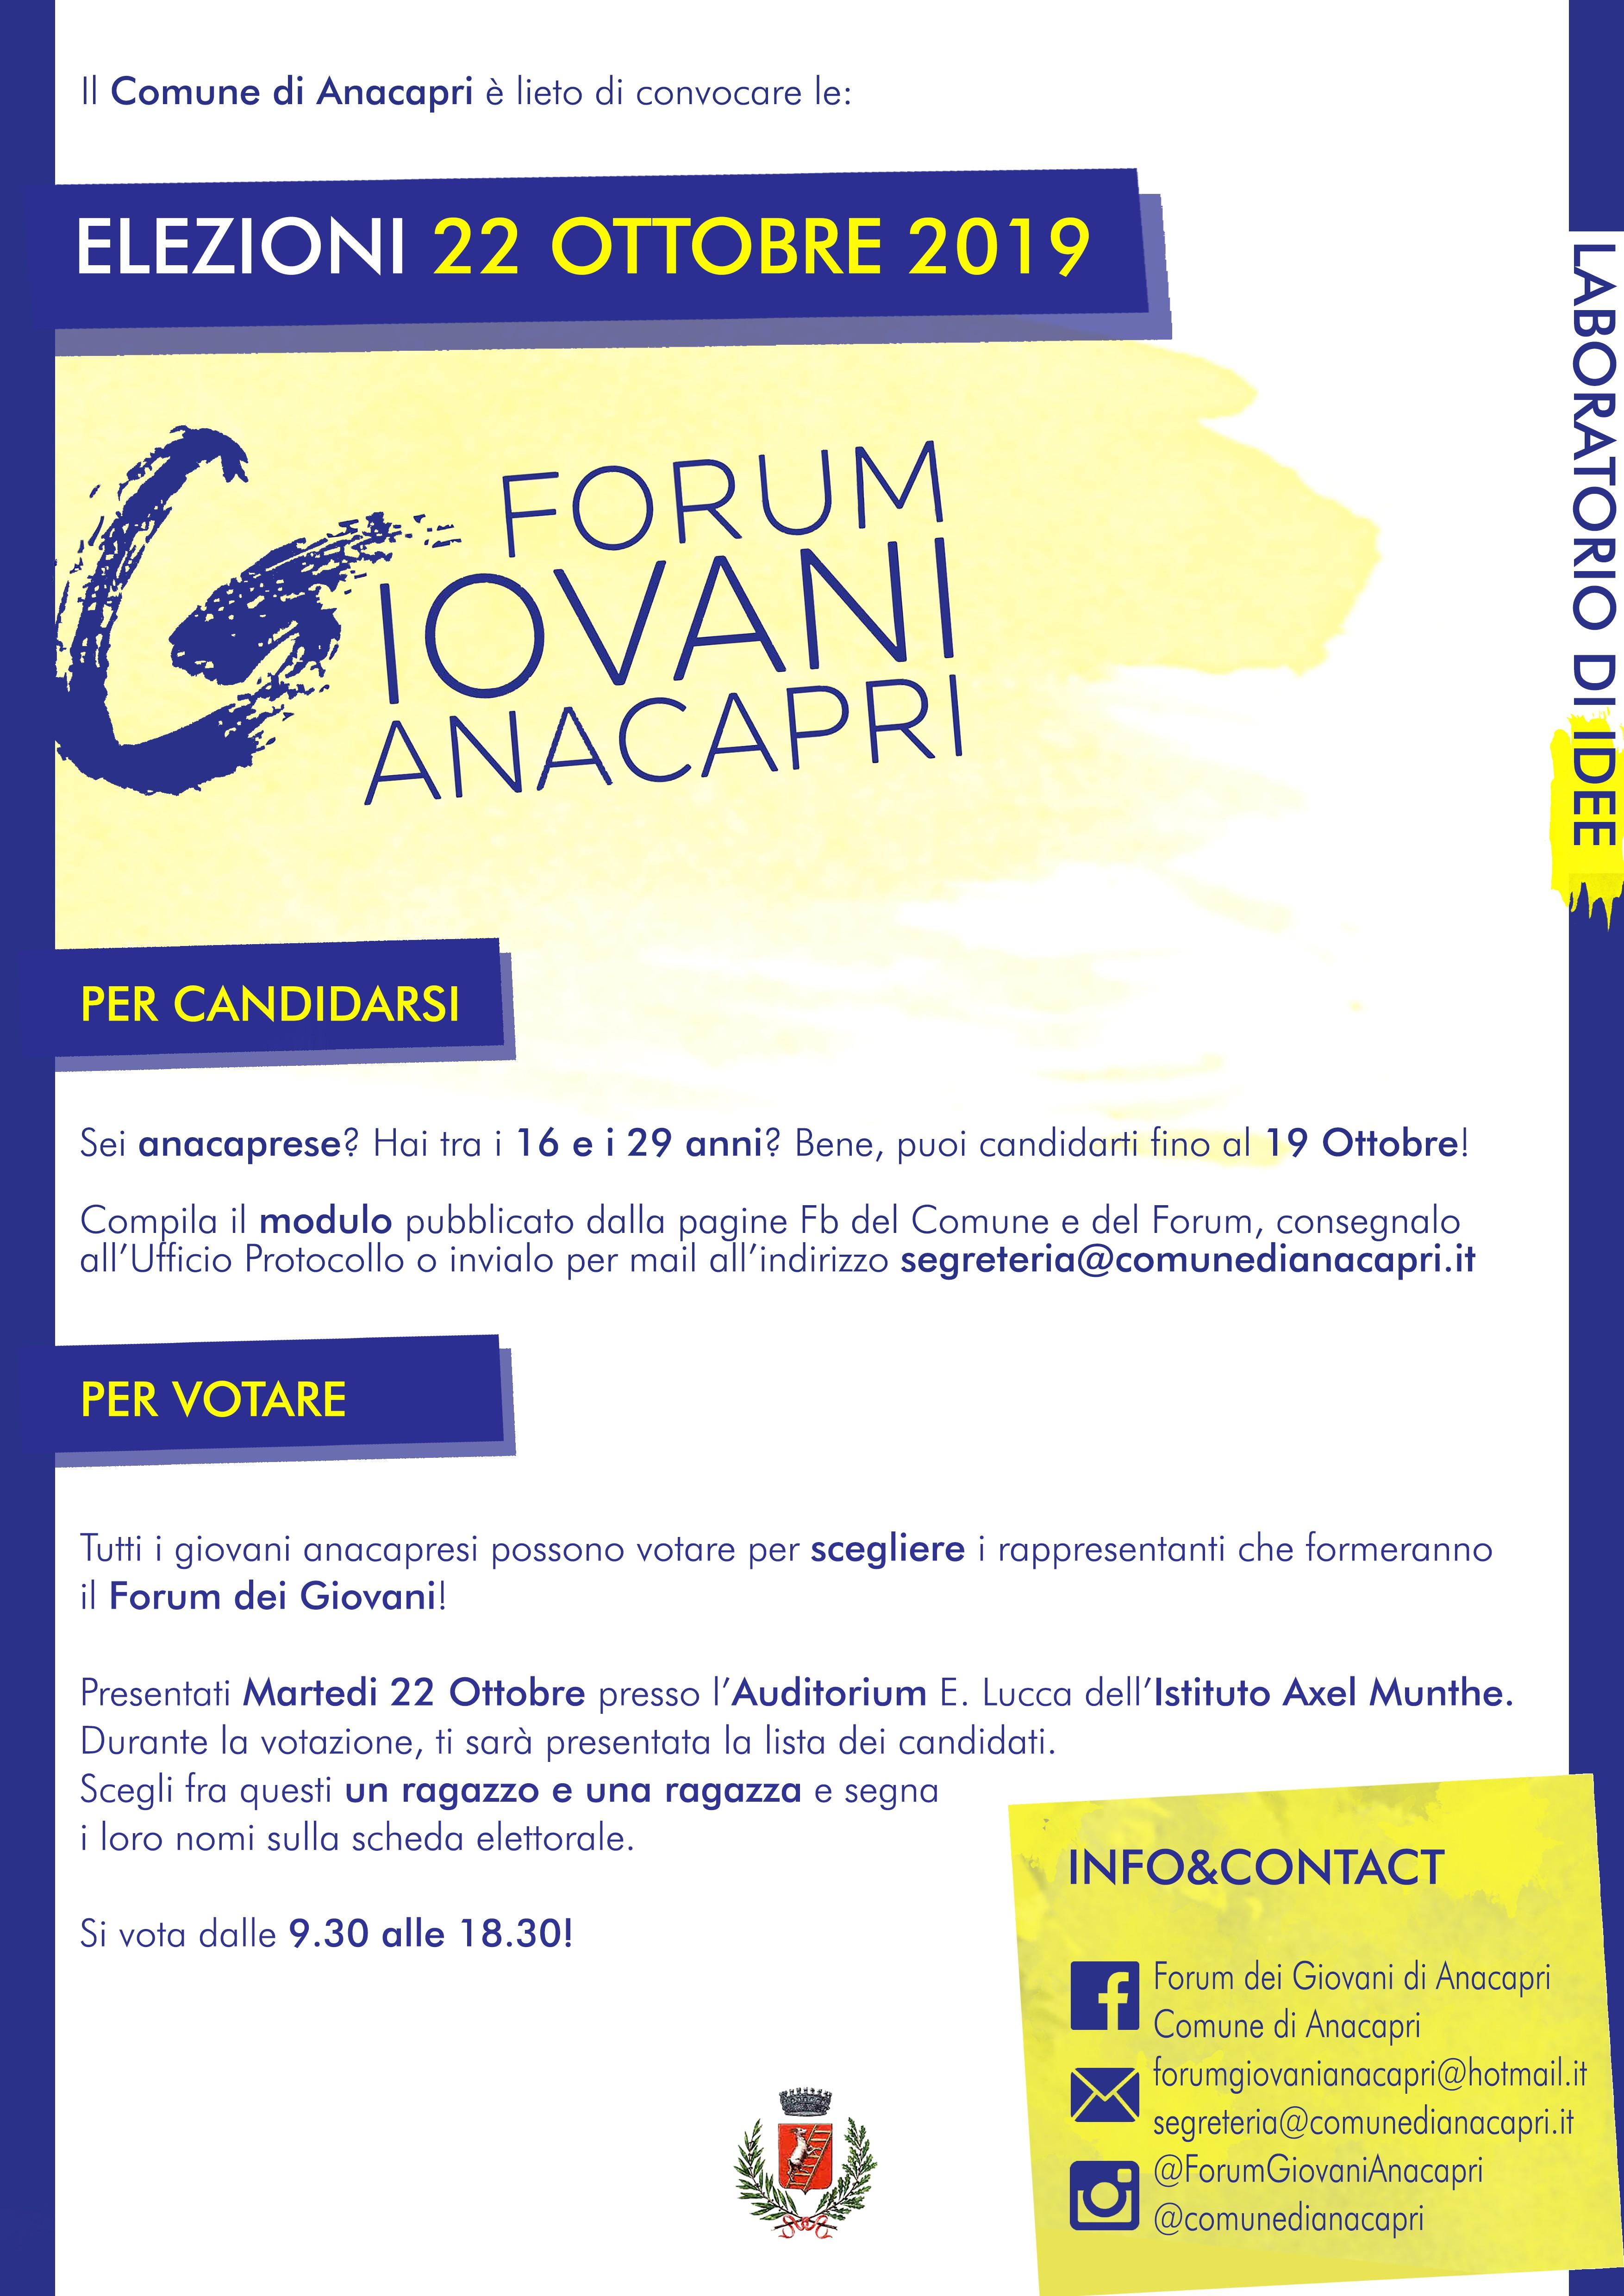 Elezioni del Forum dei Giovani di Anacapri